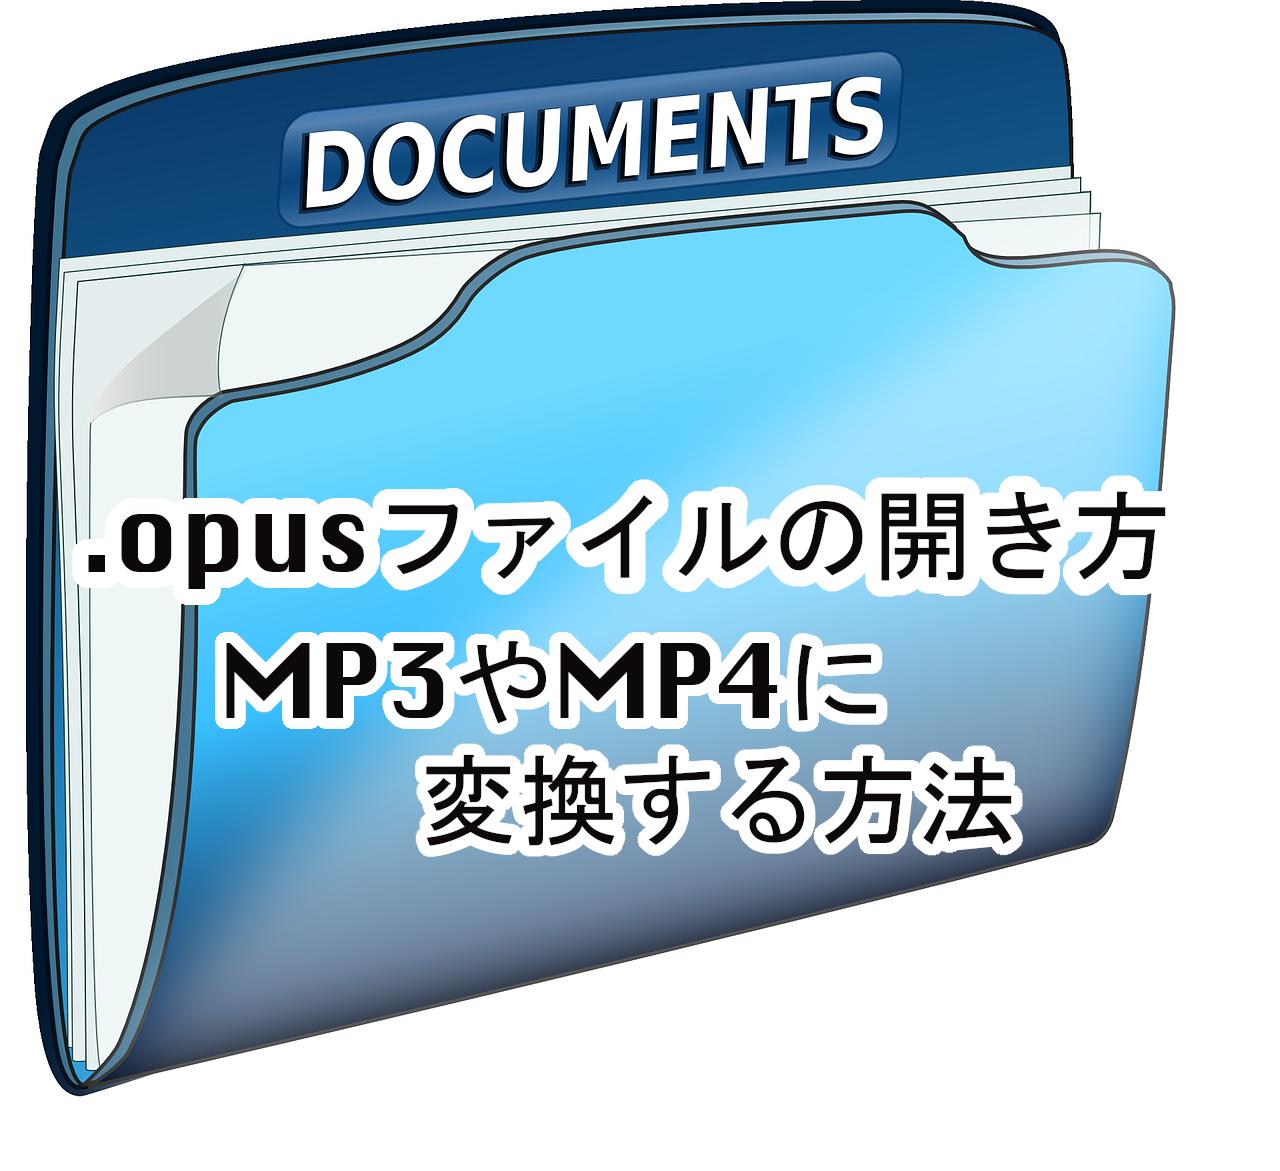 .opusファイルを開く方法!アプリがなくて開けないときにMP3やMP4に変換して解決する方法